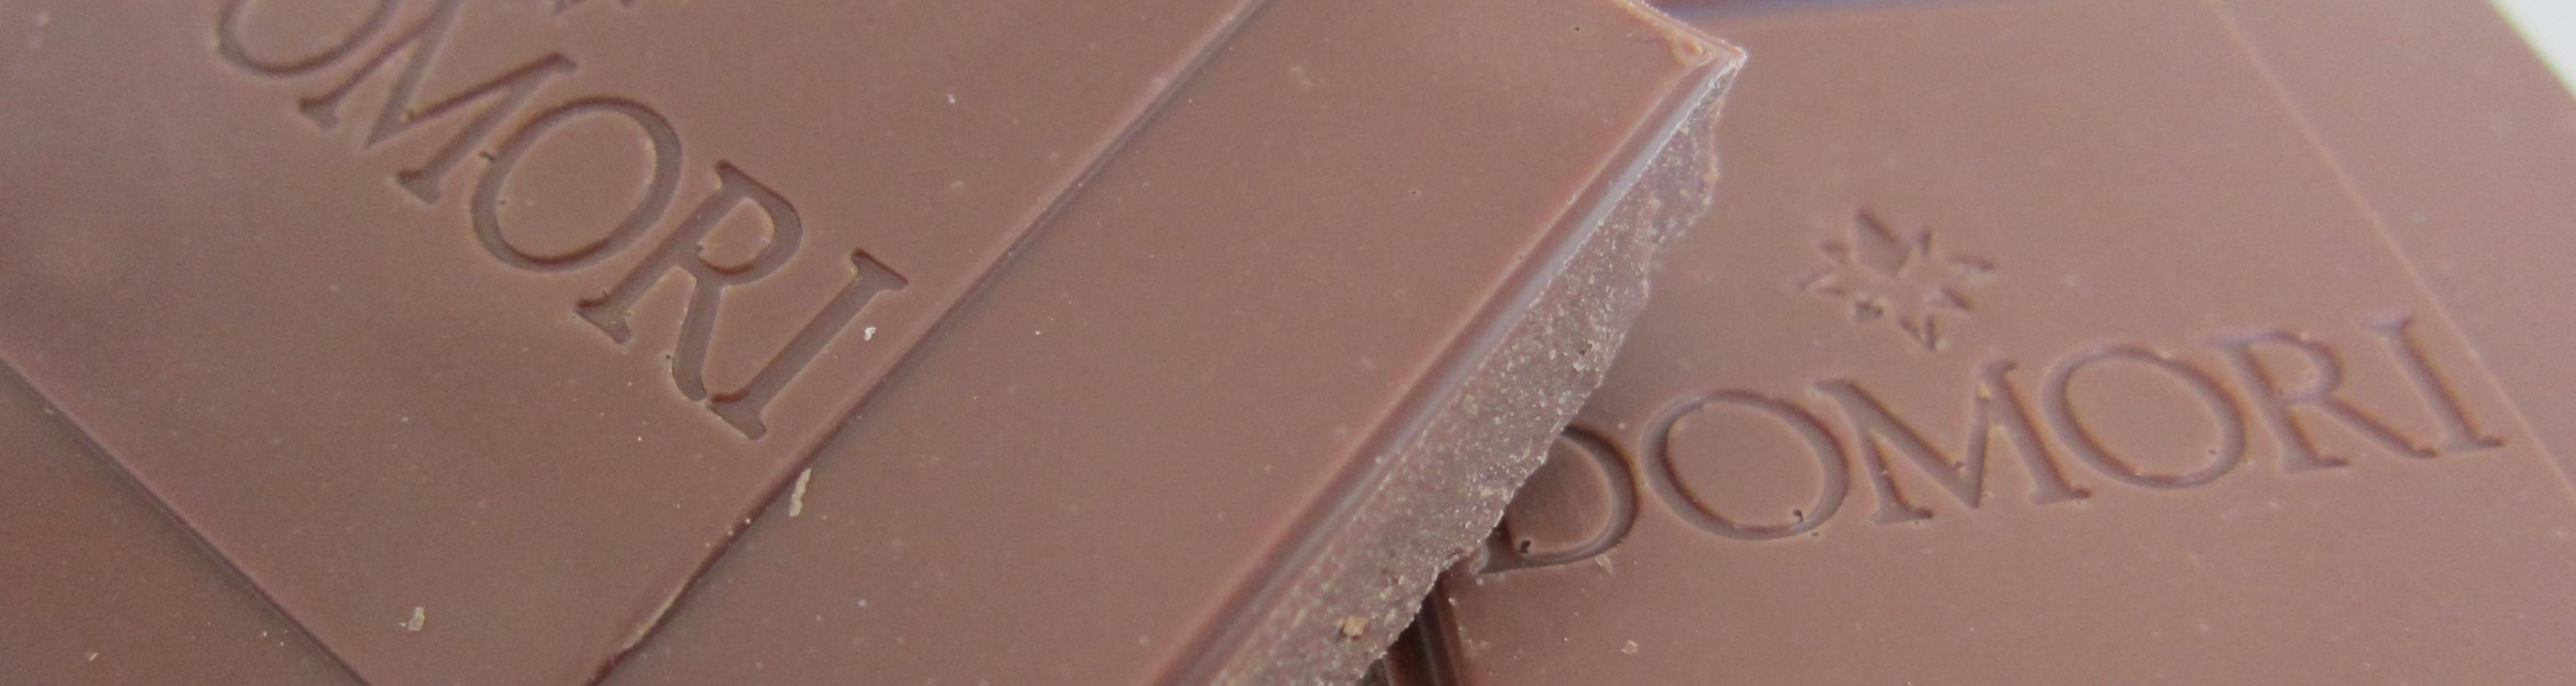 Sjokoladeopplevelser - Slider